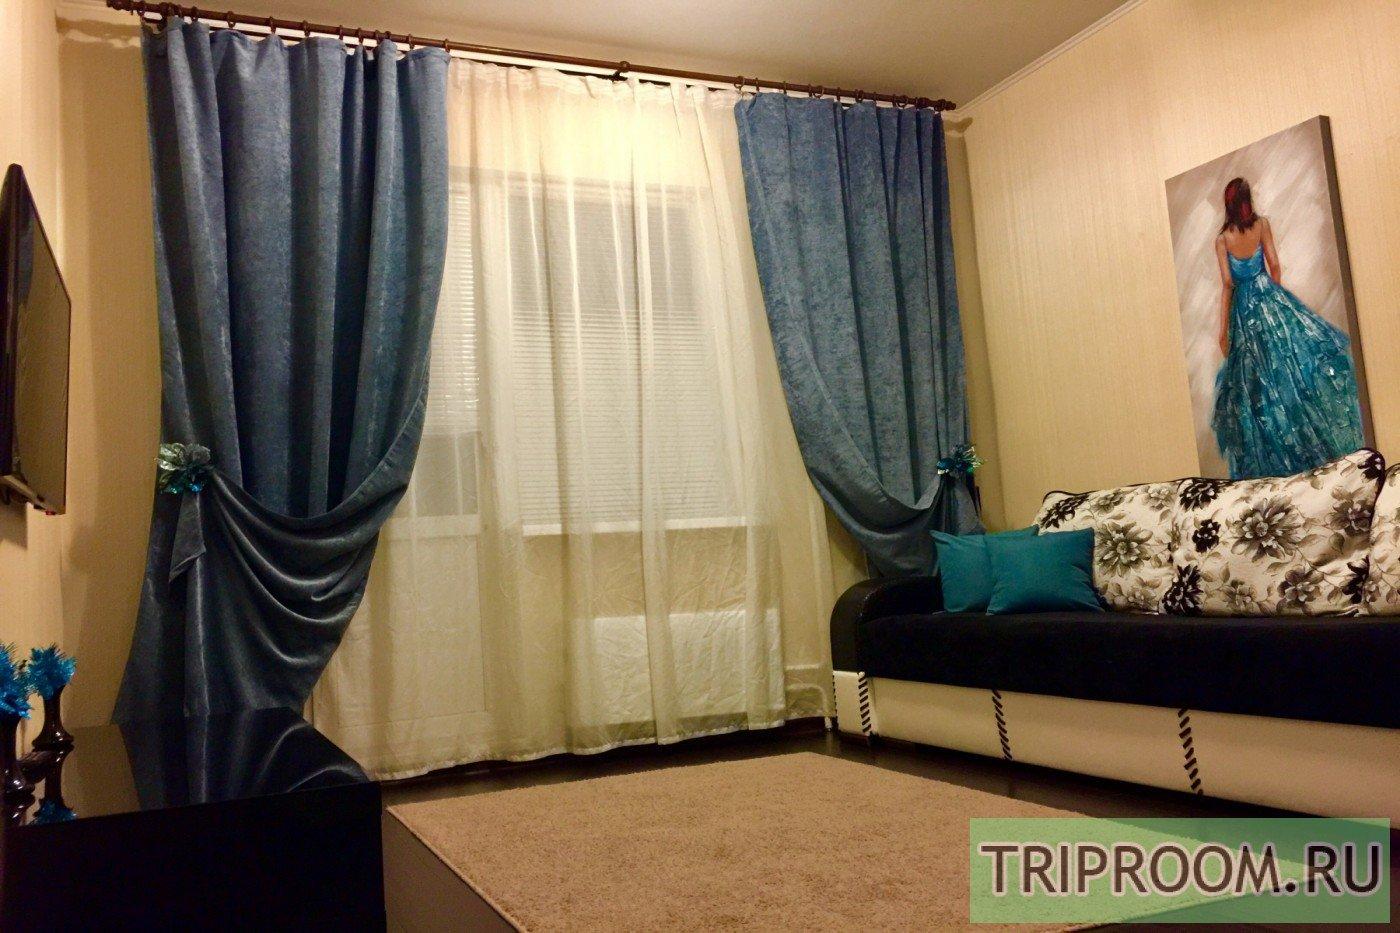 1-комнатная квартира посуточно (вариант № 36696), ул. Университетская улица, фото № 1